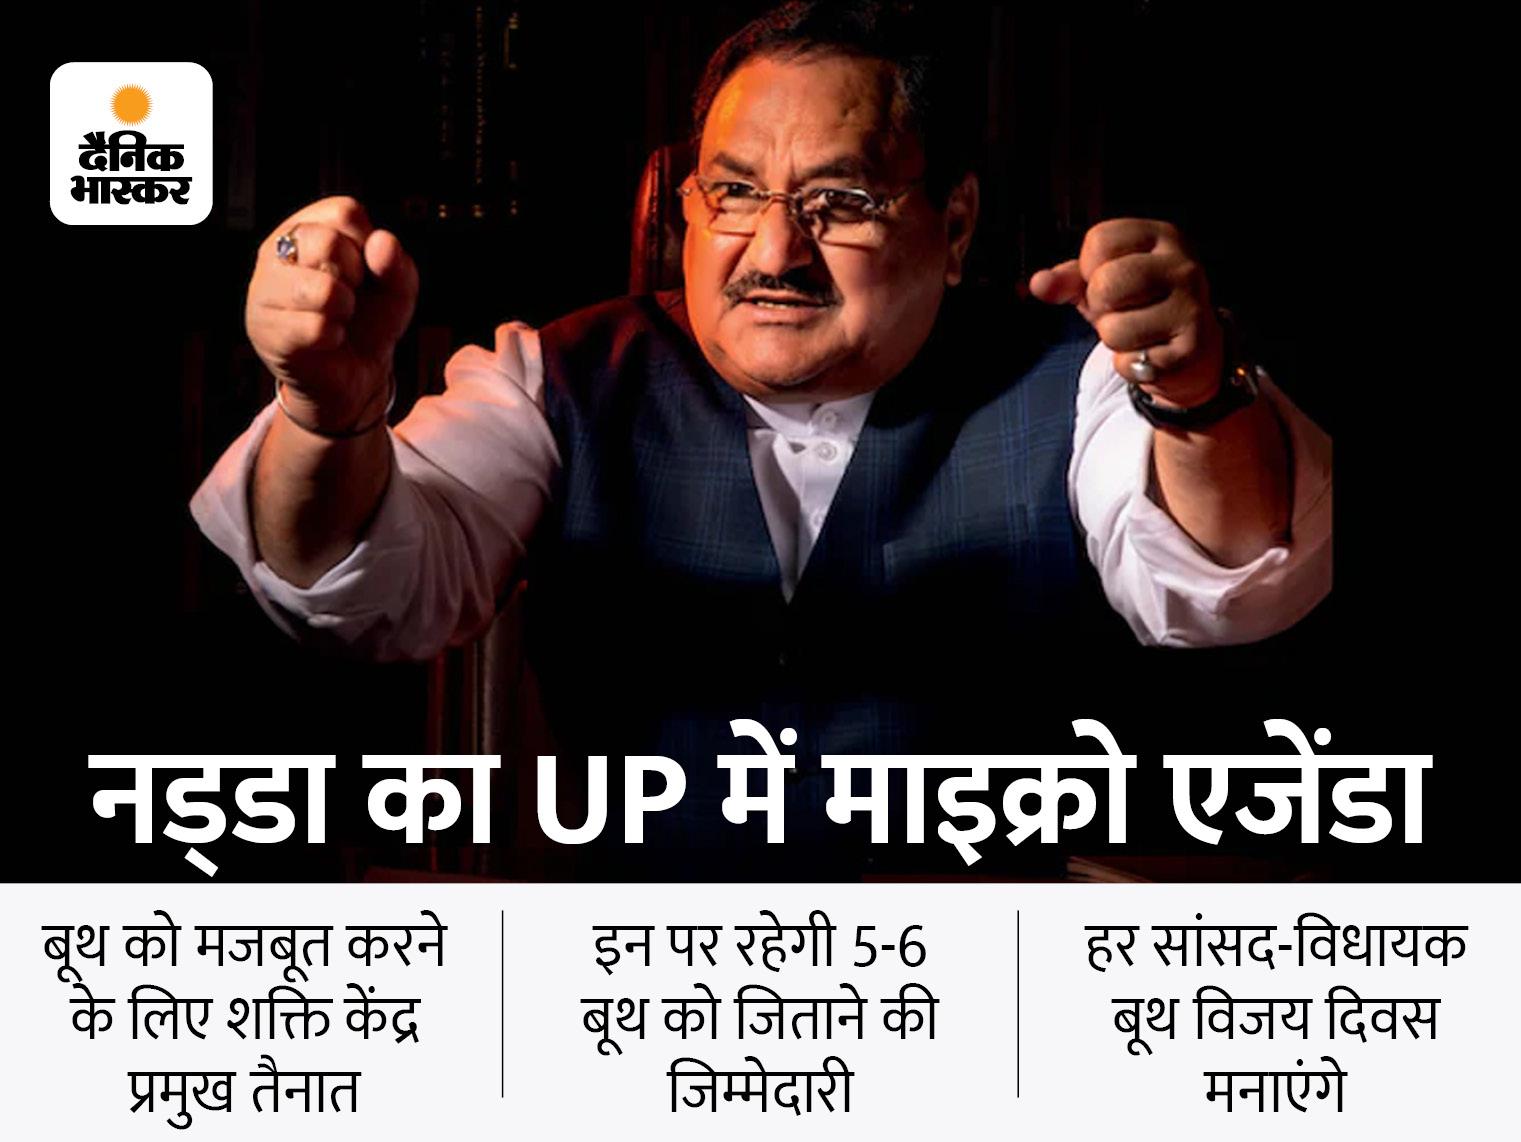 राष्ट्रीय अध्यक्ष जेपी नड्डा वर्चुअली करेंगे शुरुआत; 27,700 शक्ति केंद्रों को देंगे जीत का मंत्र, CM योगी और स्वतंत्र देव भी रहेंगे मौजूद लखनऊ,Lucknow - Dainik Bhaskar